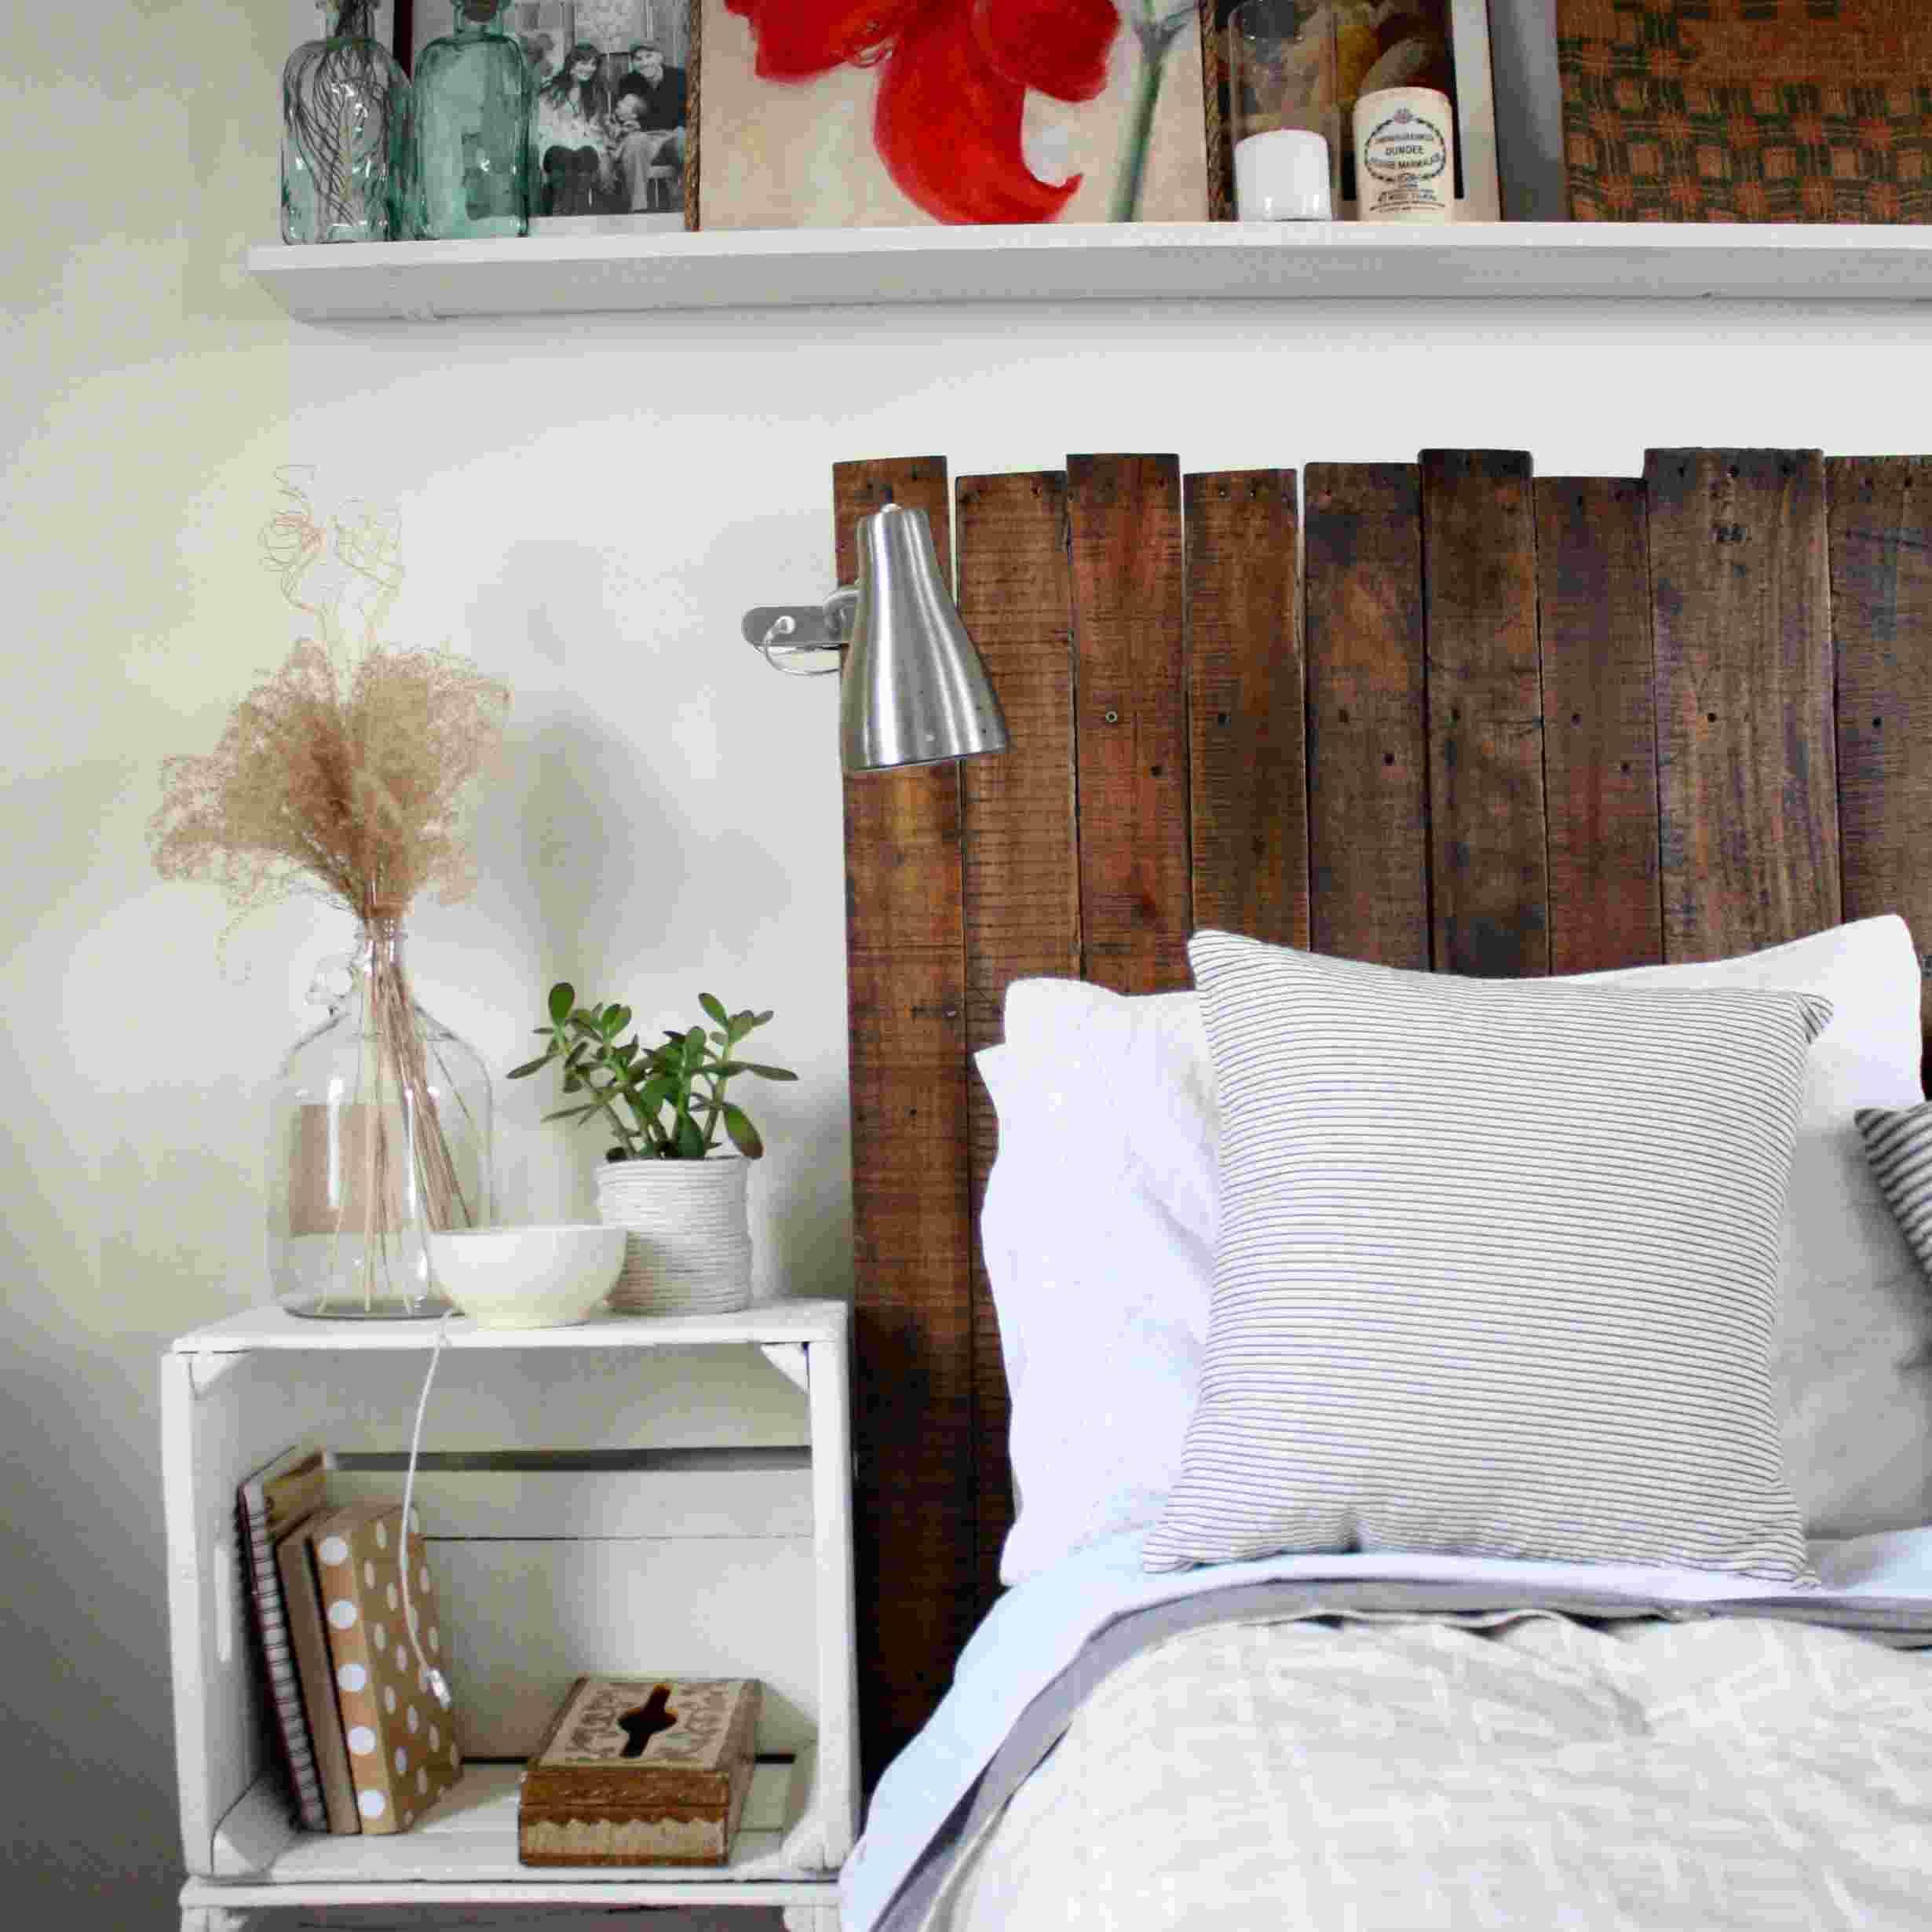 Möbel Ideen Zum Selber Machen Dekoideen Wohnzimmer Selber Machen